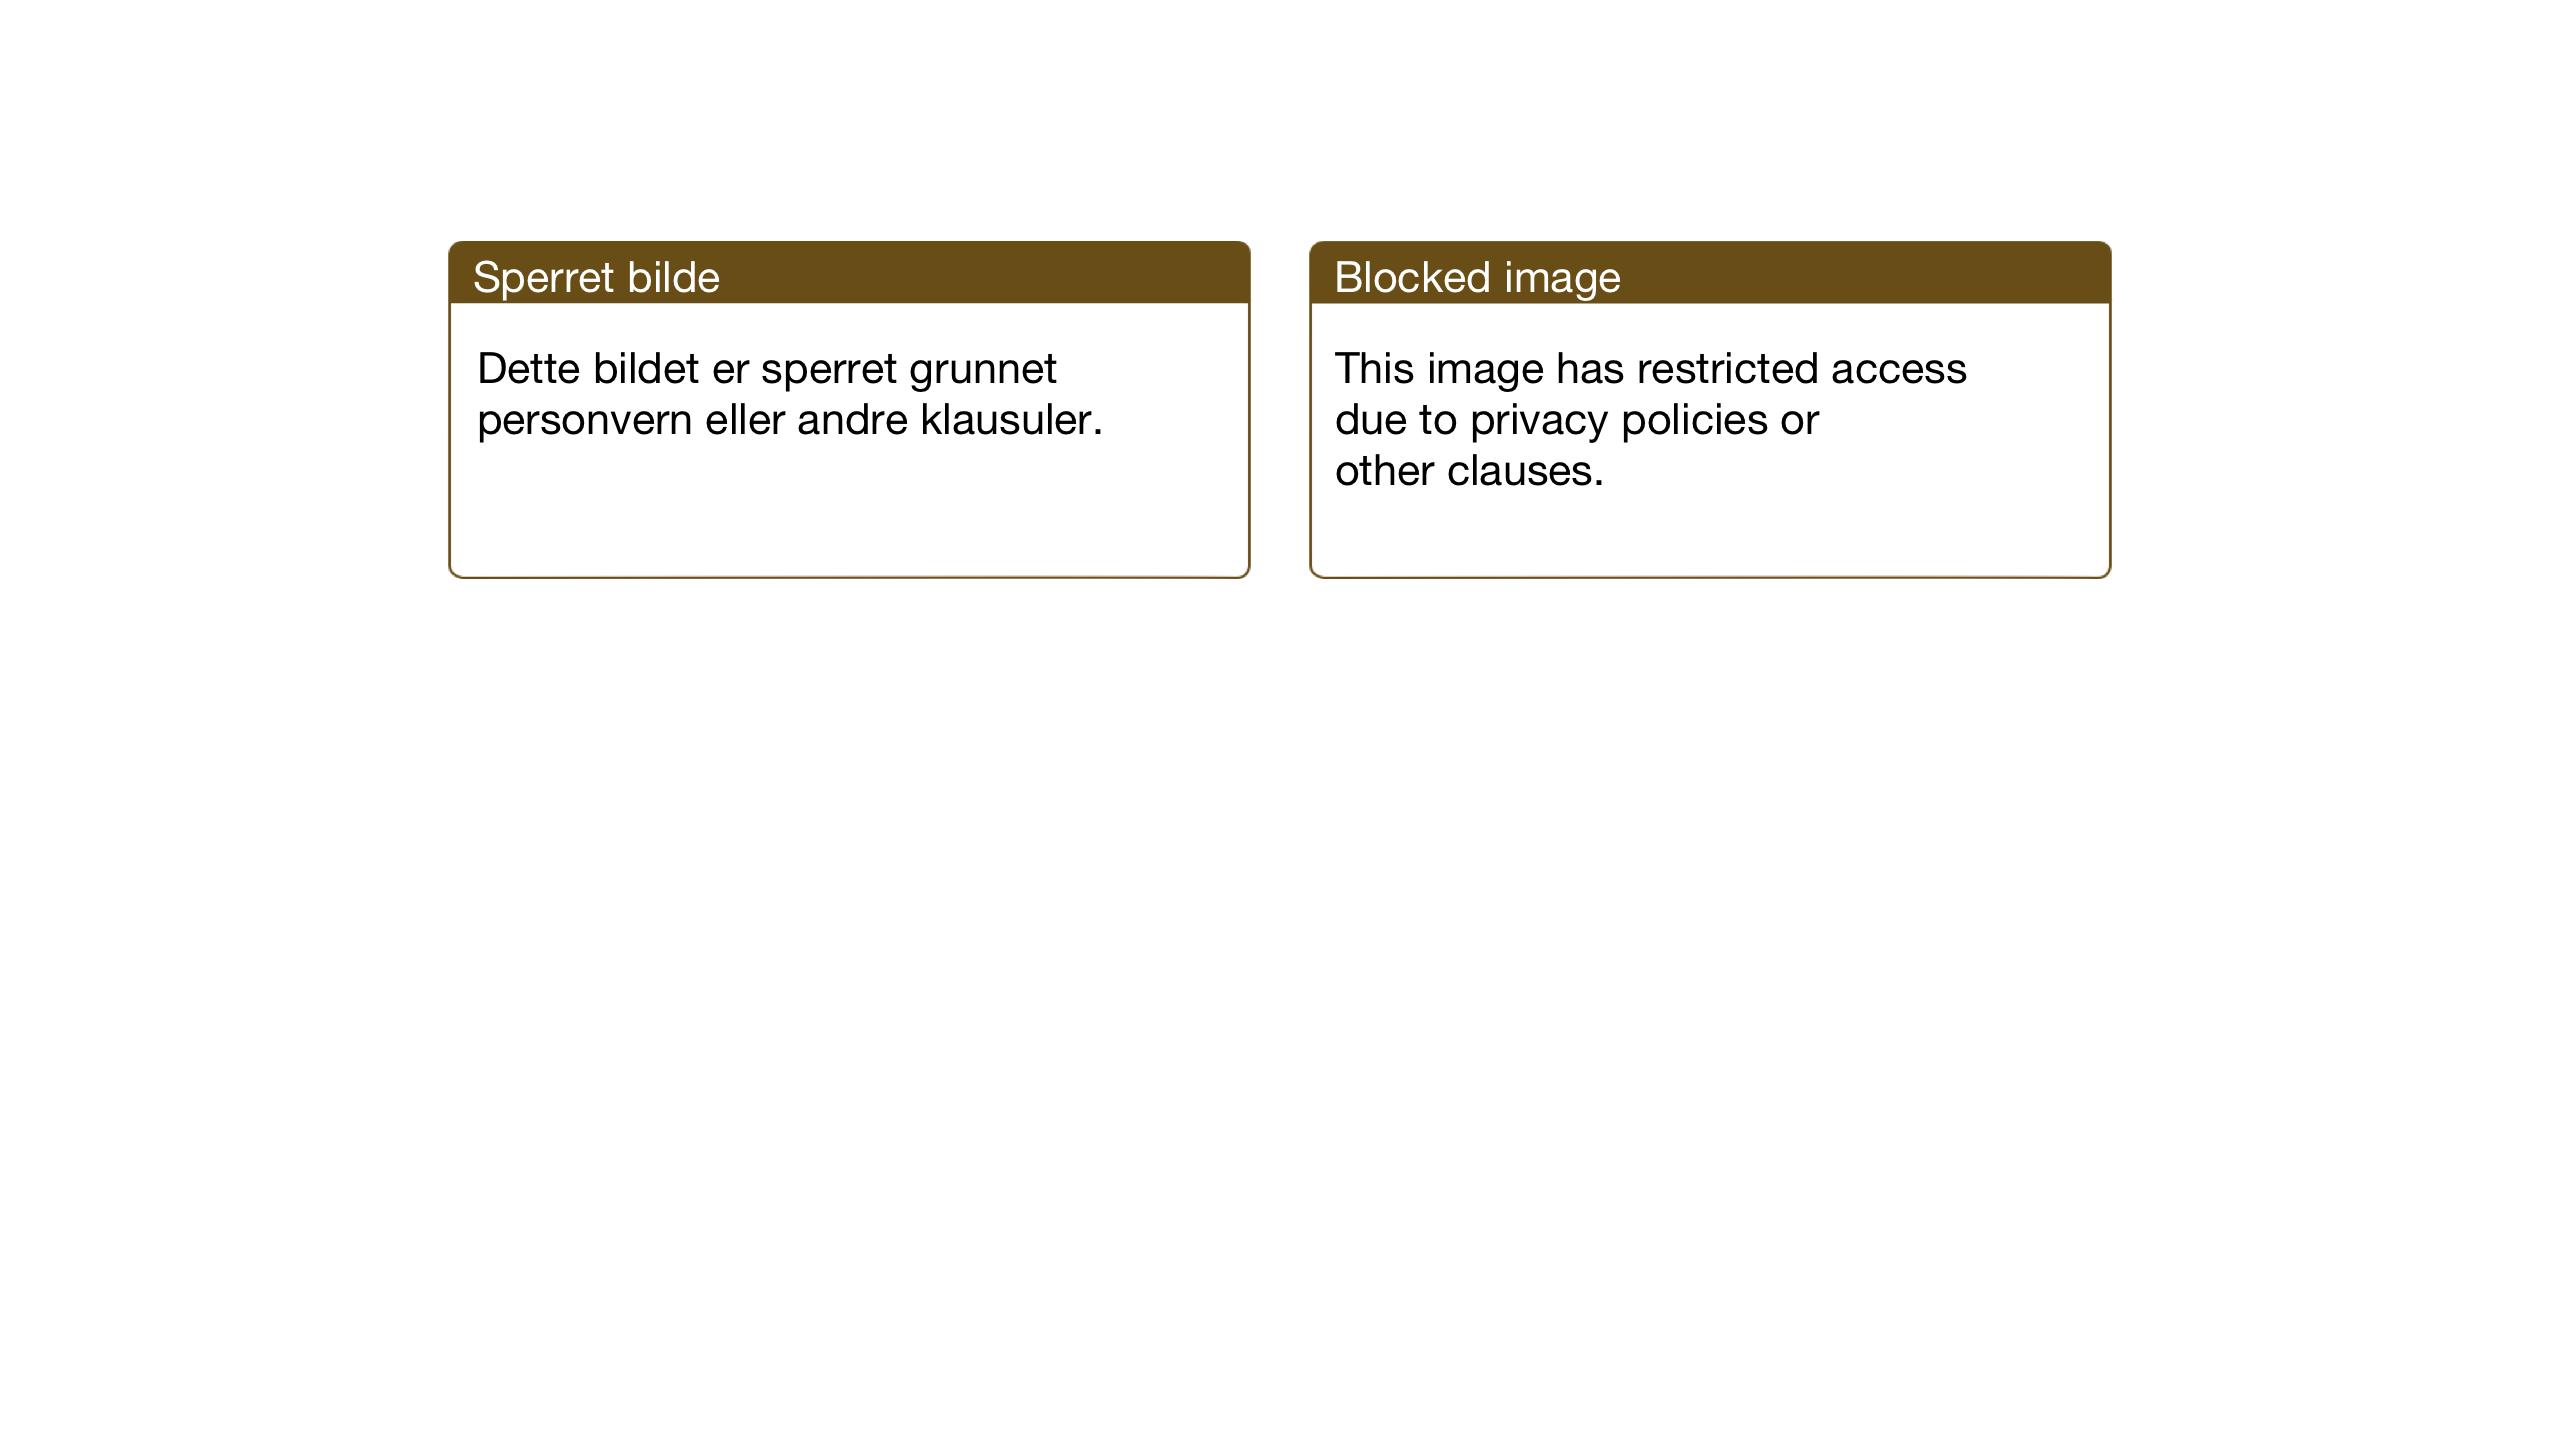 SAT, Ministerialprotokoller, klokkerbøker og fødselsregistre - Nord-Trøndelag, 749/L0481: Klokkerbok nr. 749C03, 1933-1945, s. 12